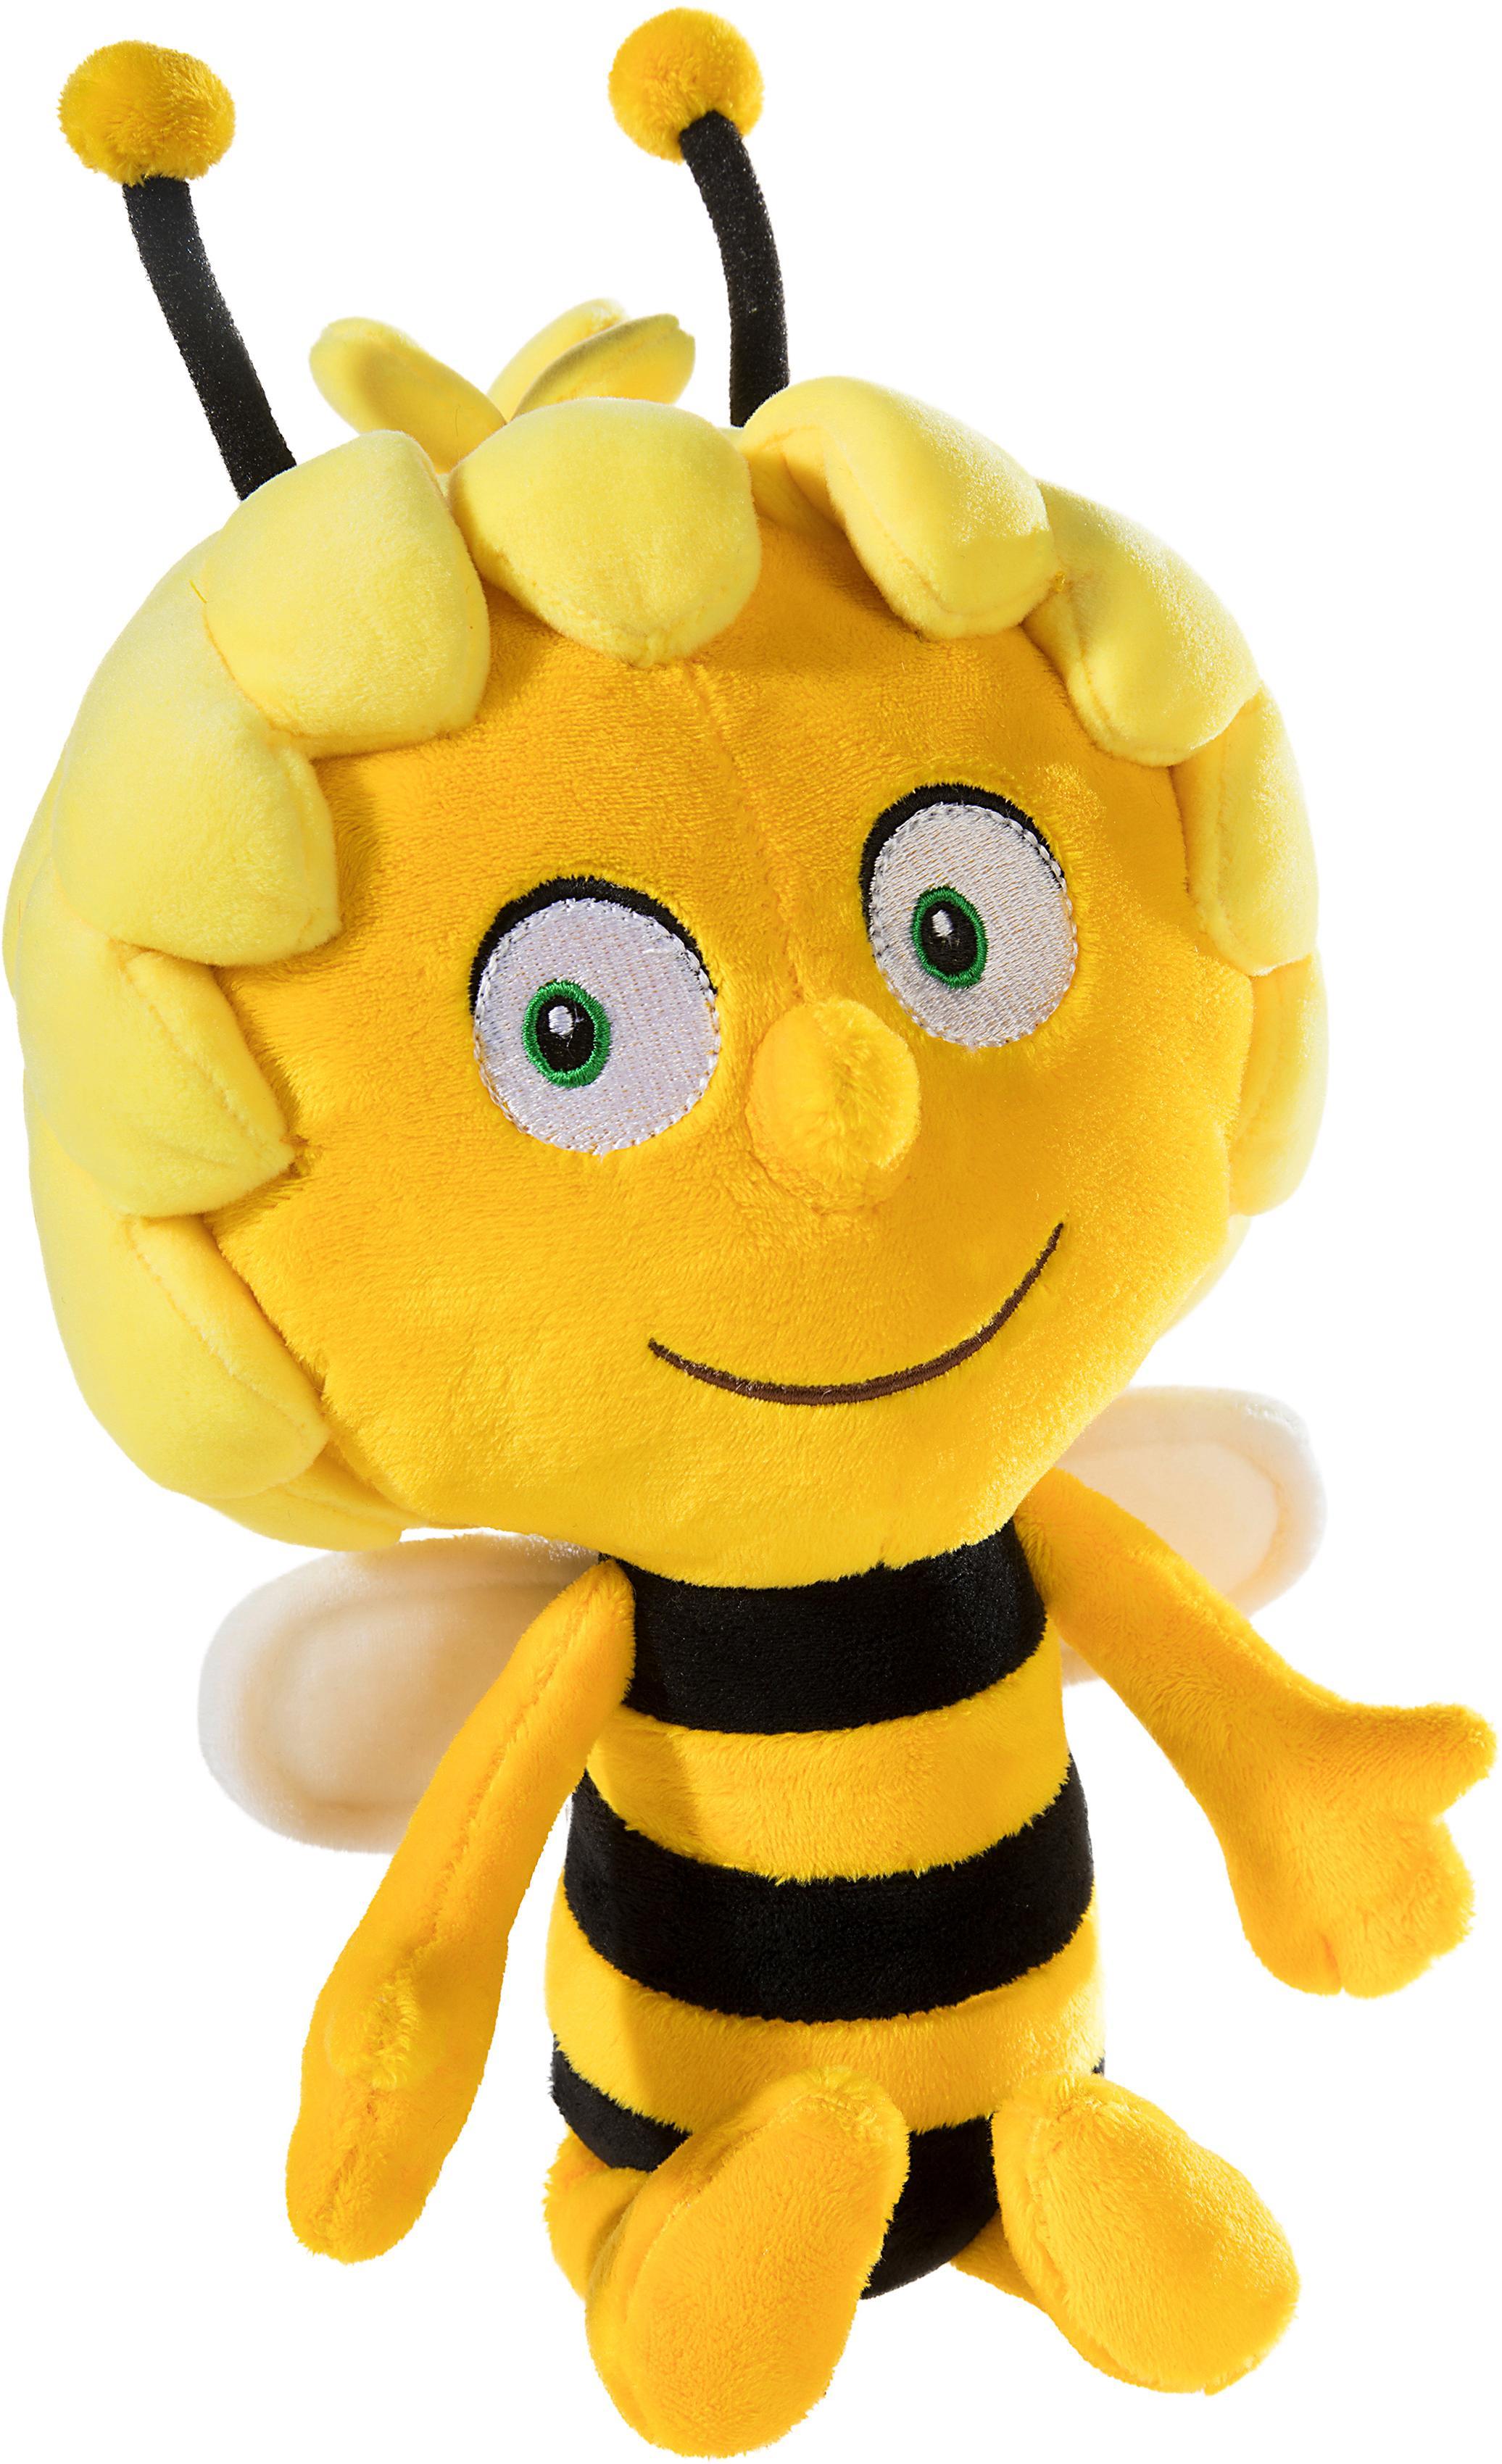 """Heunec Plüschfigur """"Biene Maja 30 cm"""" Kindermode/Spielzeug/Kuschel- & Plüschtiere/Plüschtiere"""